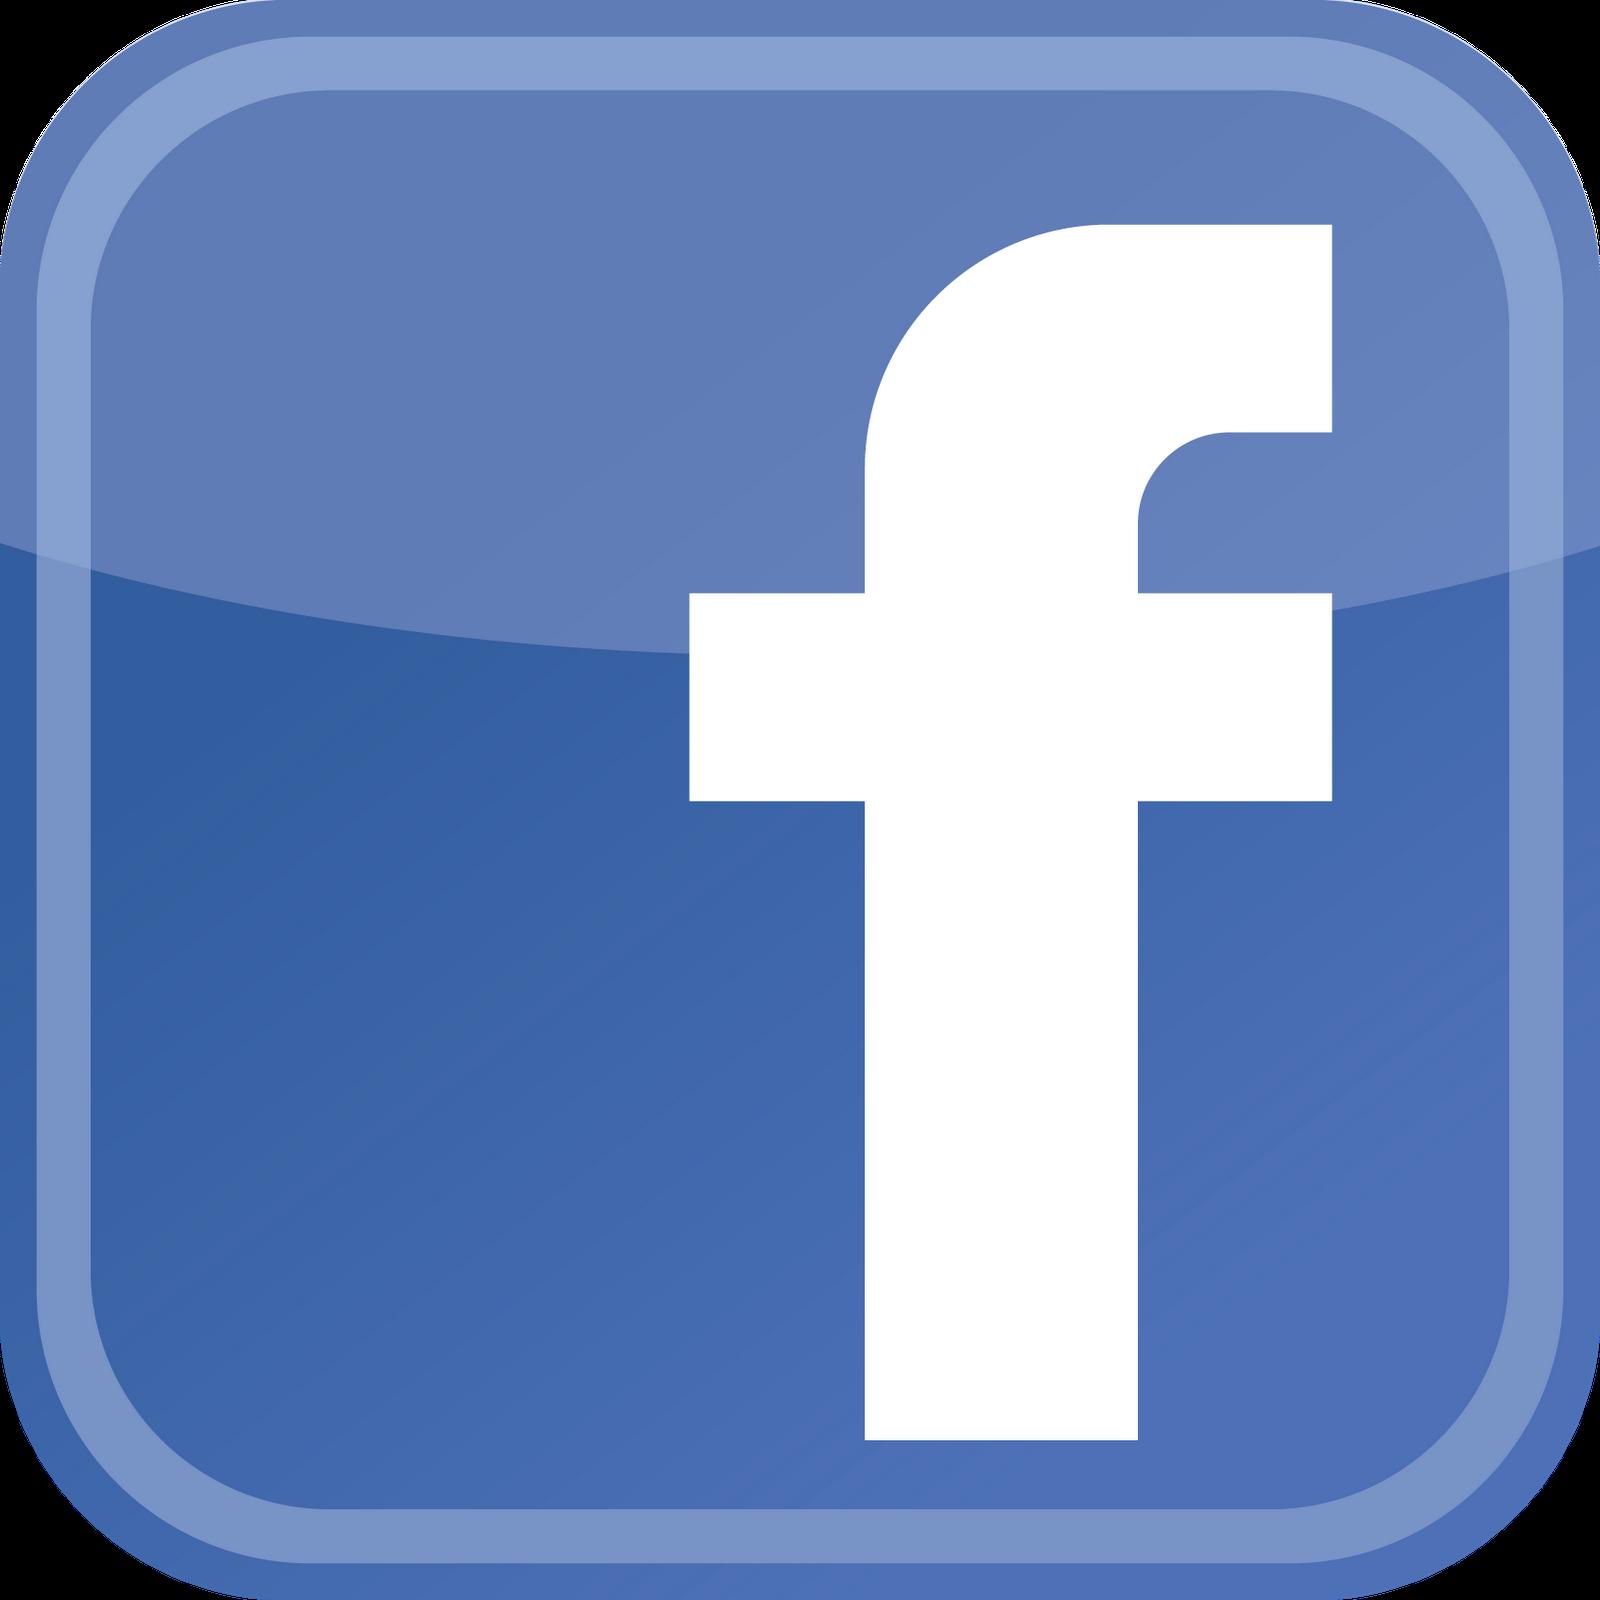 http://philtypo3.uni-koeln.de/fileadmin/zib/logo_facebook.png